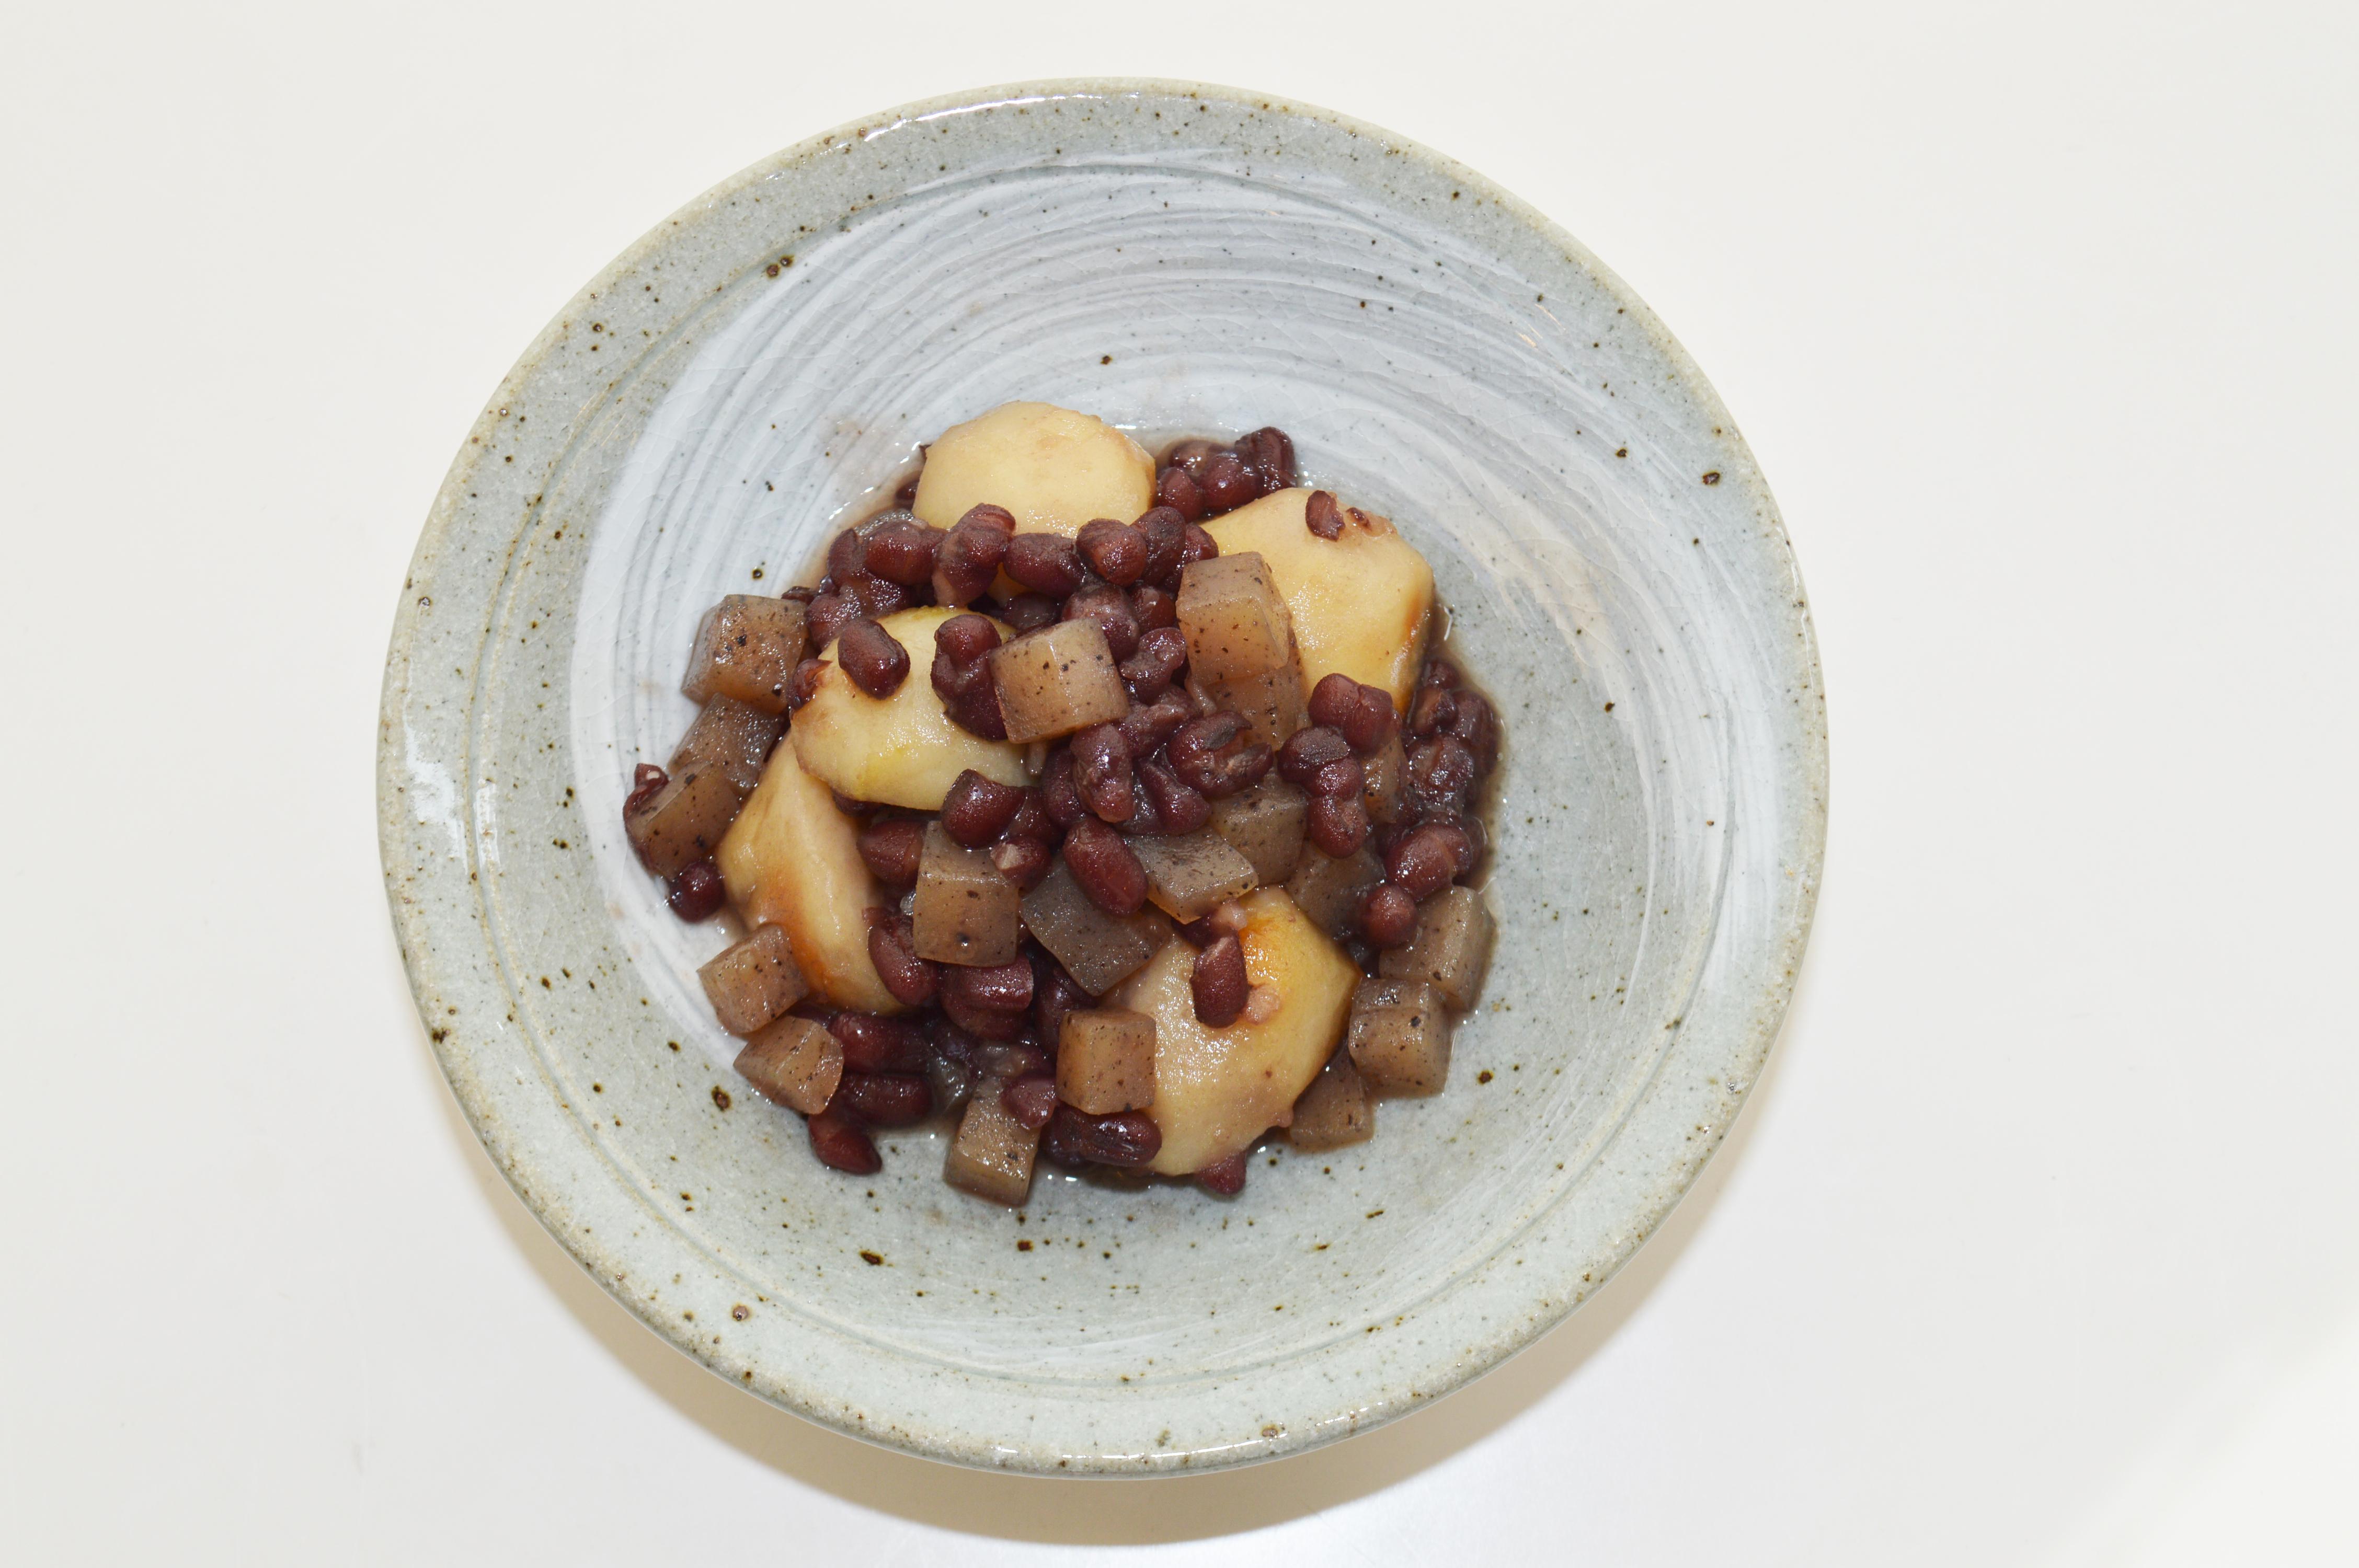 食文化館日記 » 四季と行事食「冬至と運のあがる食」 b537951cab